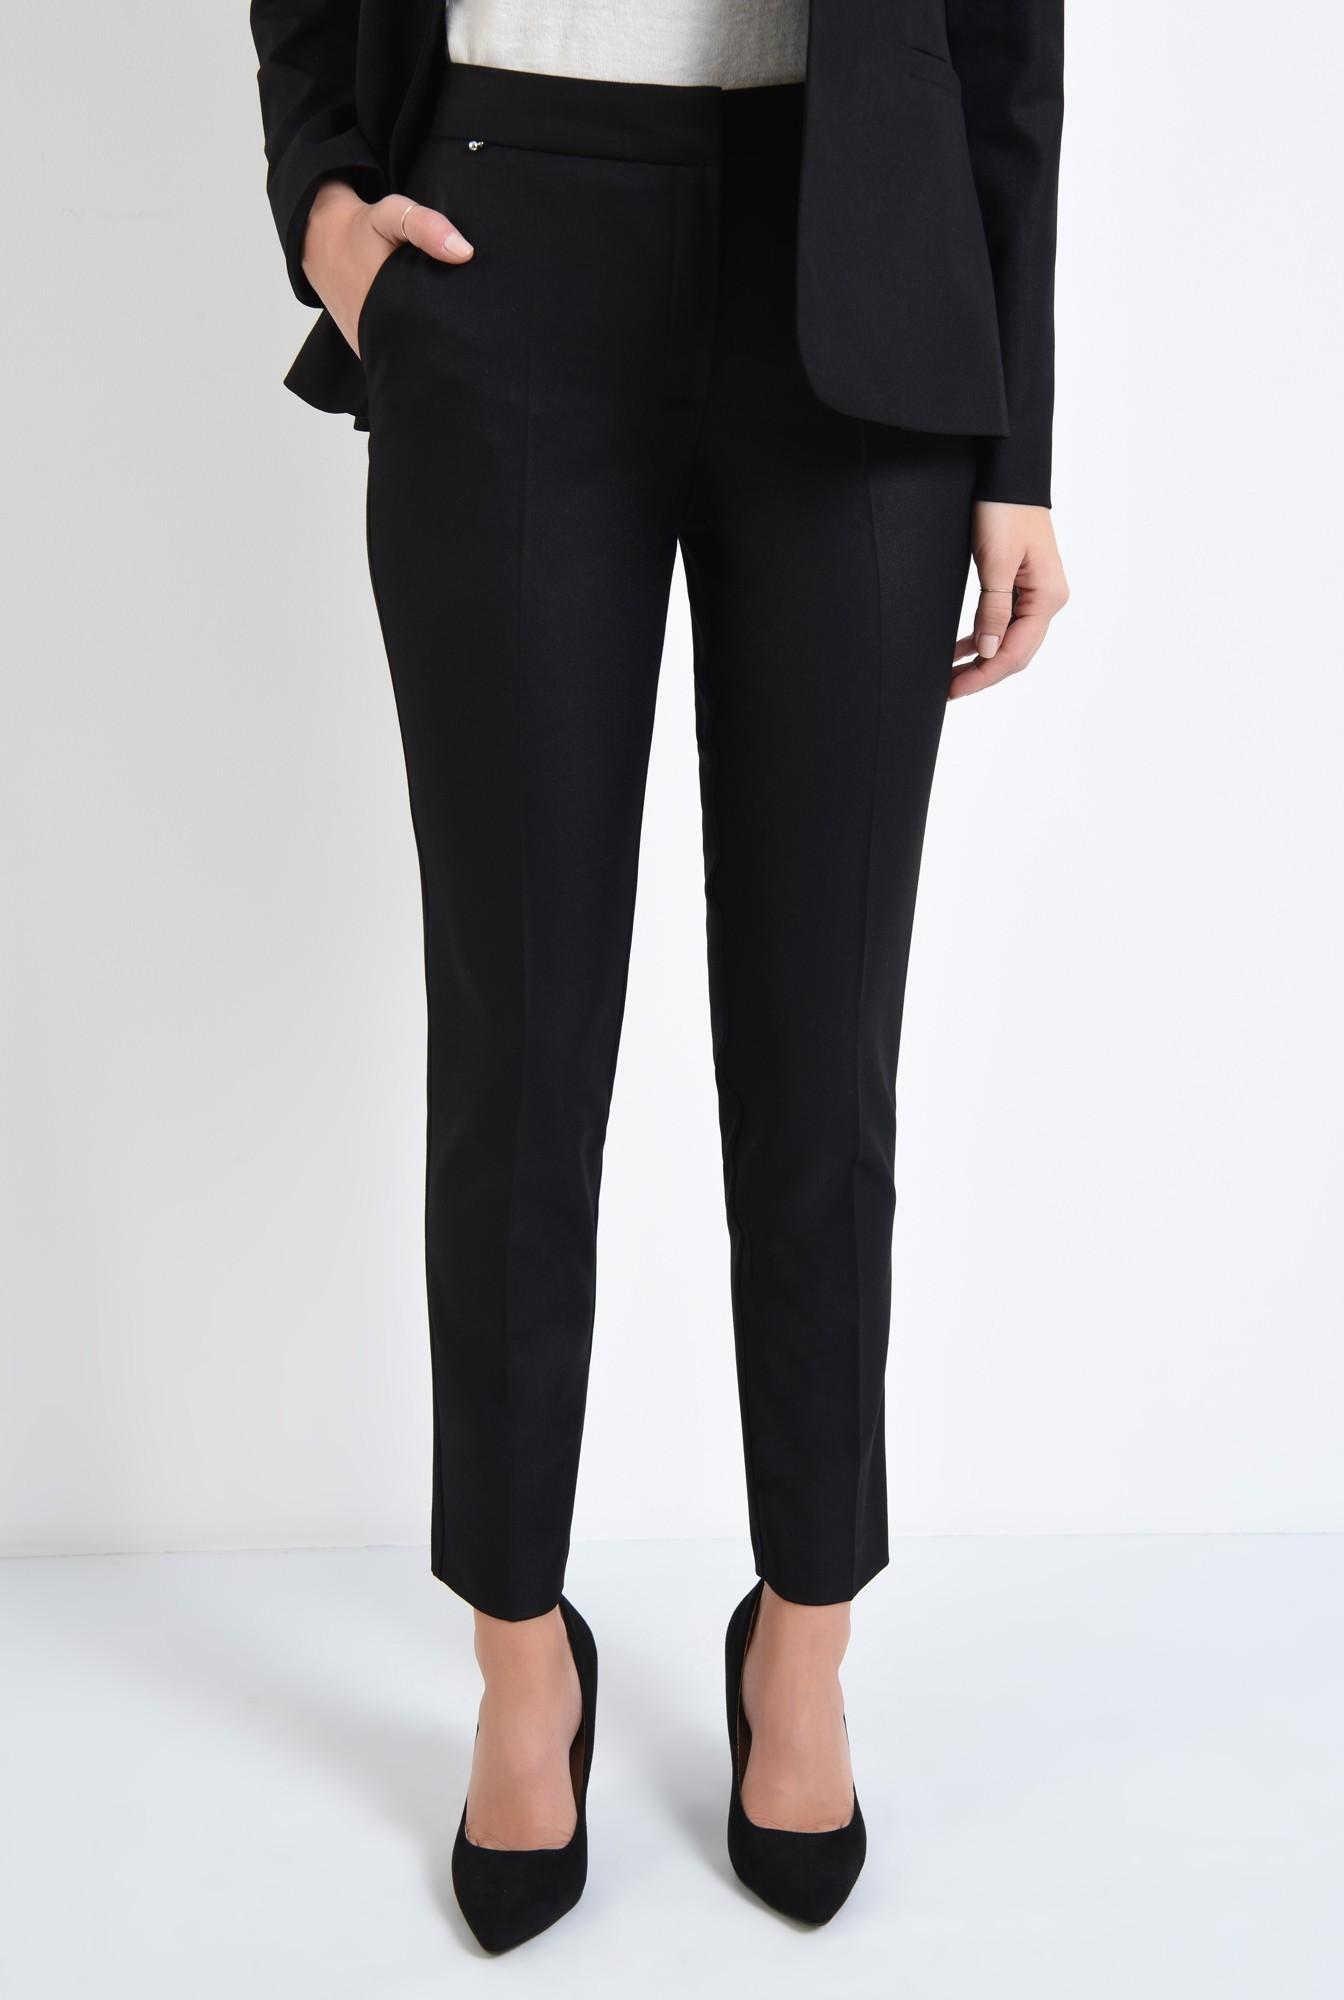 2 - pantaloni tigareta, croi conic, office